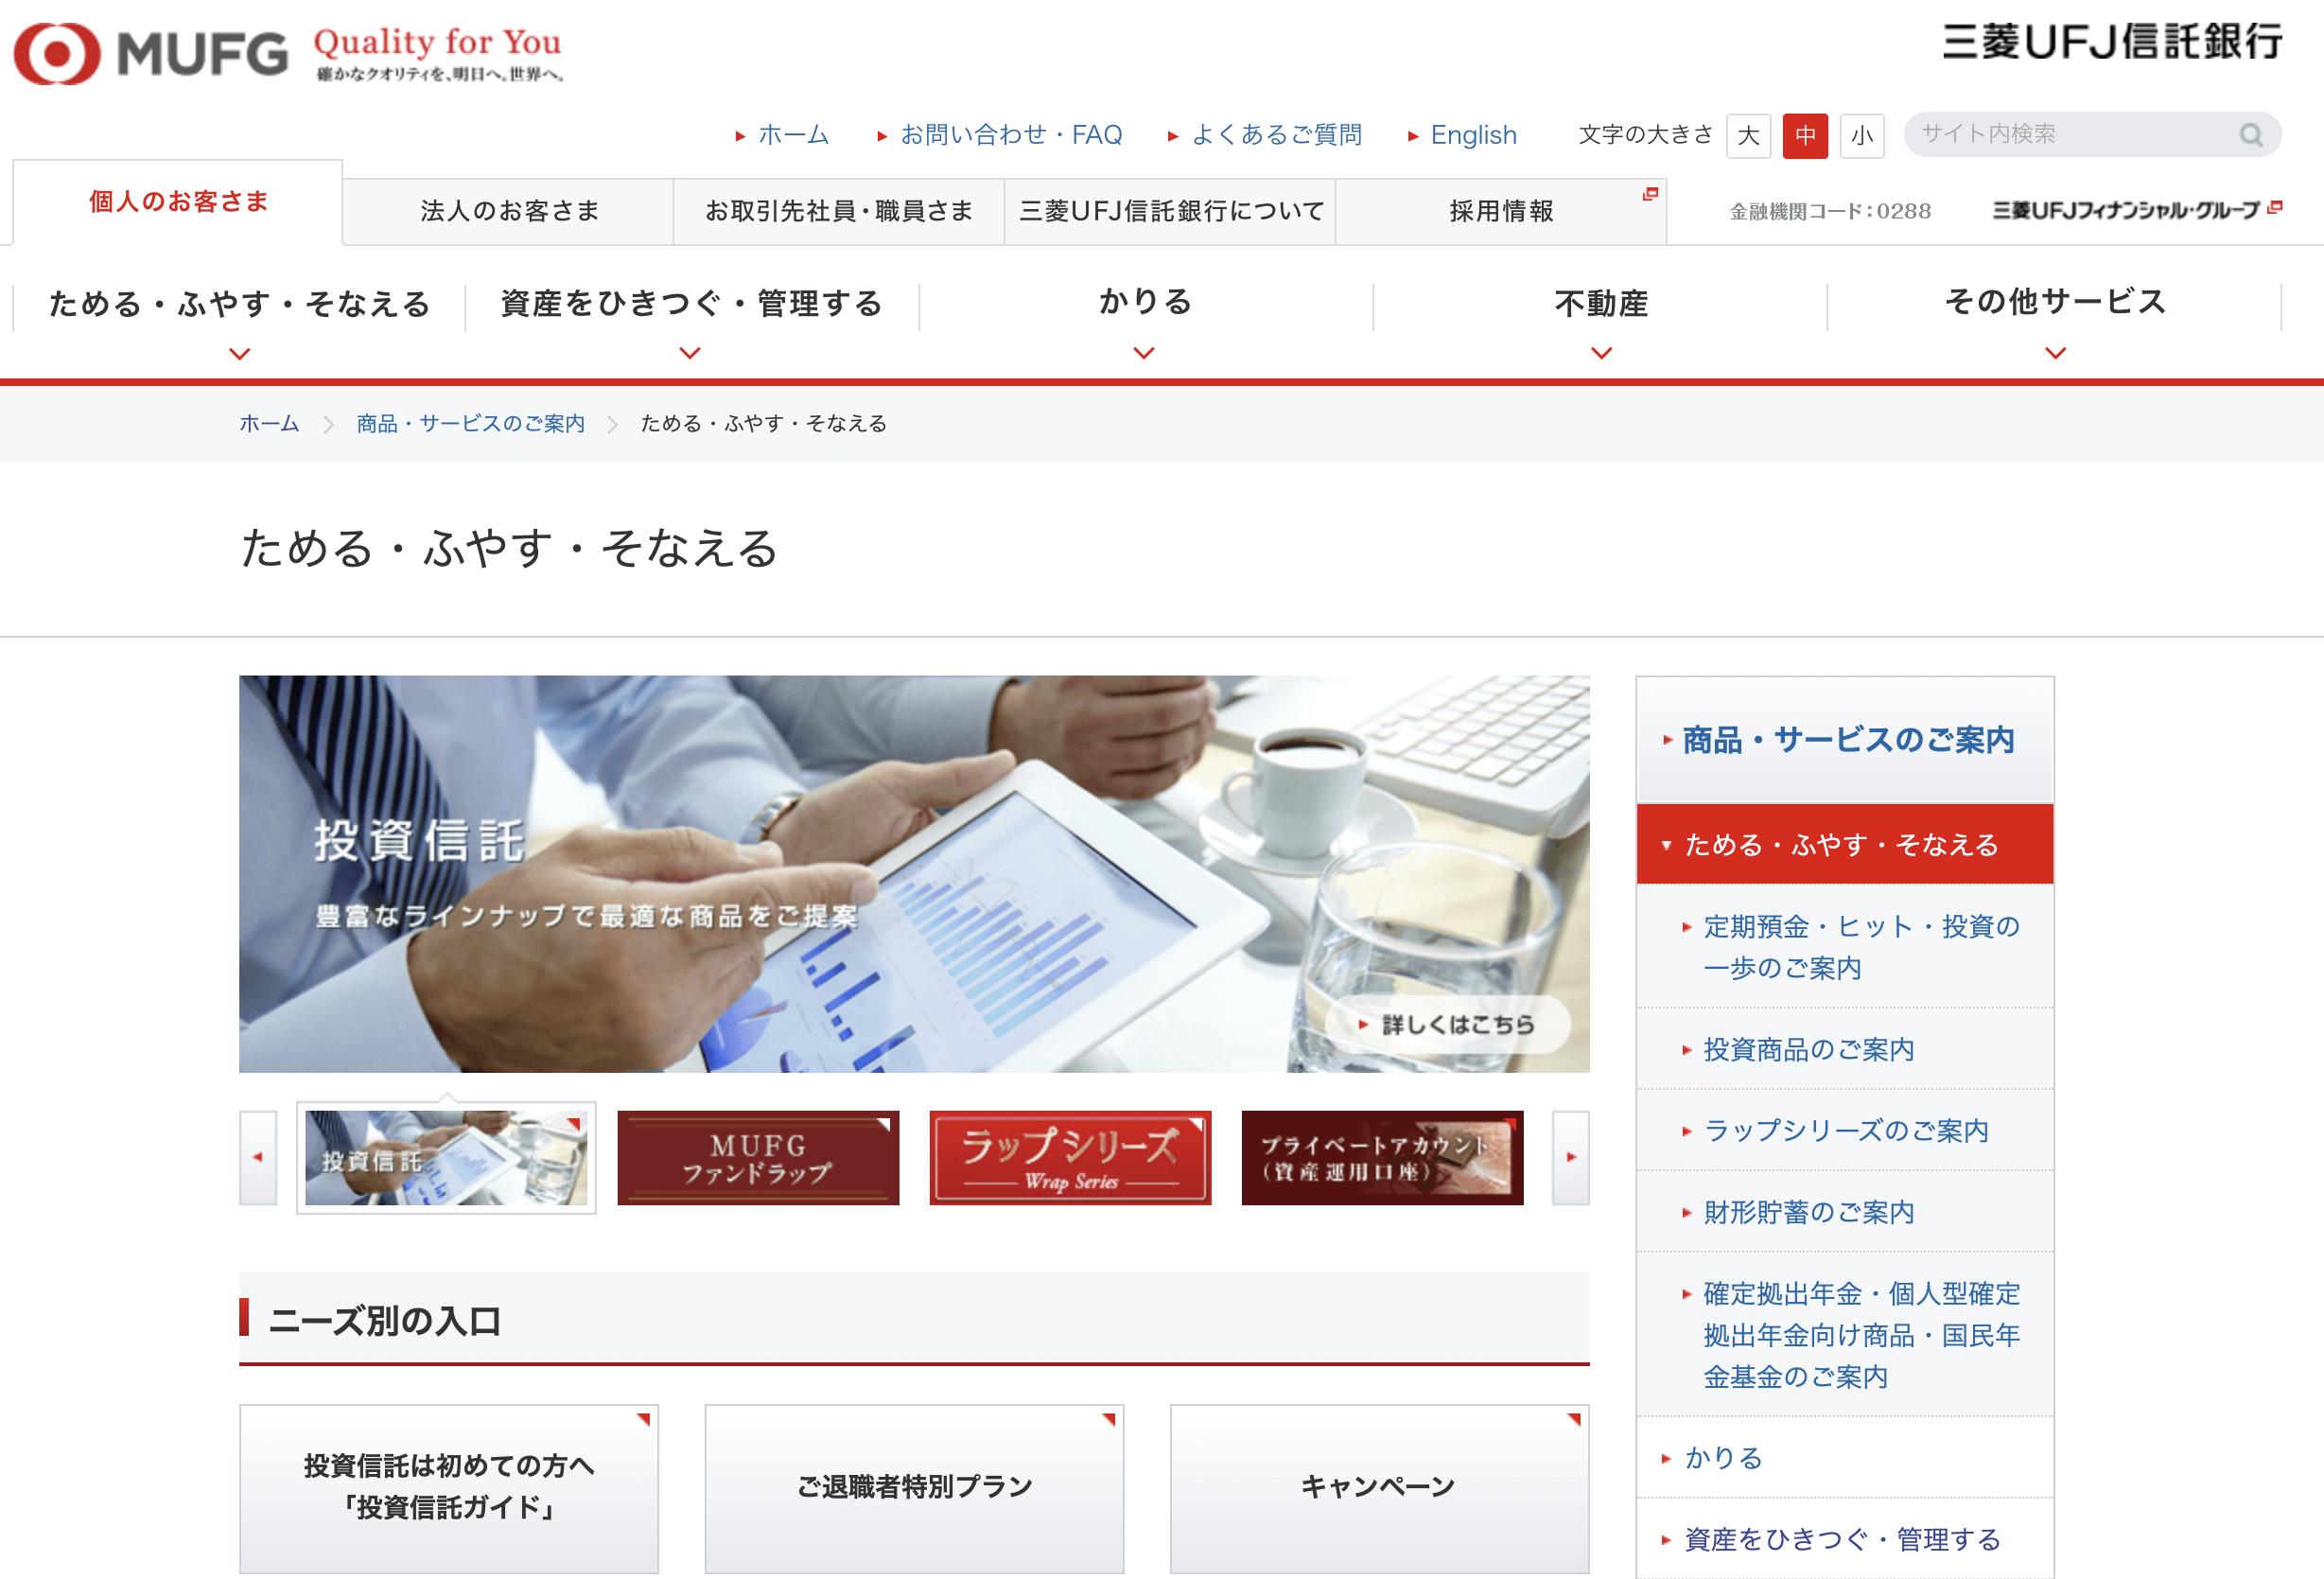 三菱UFJ信託銀行の公式ページ